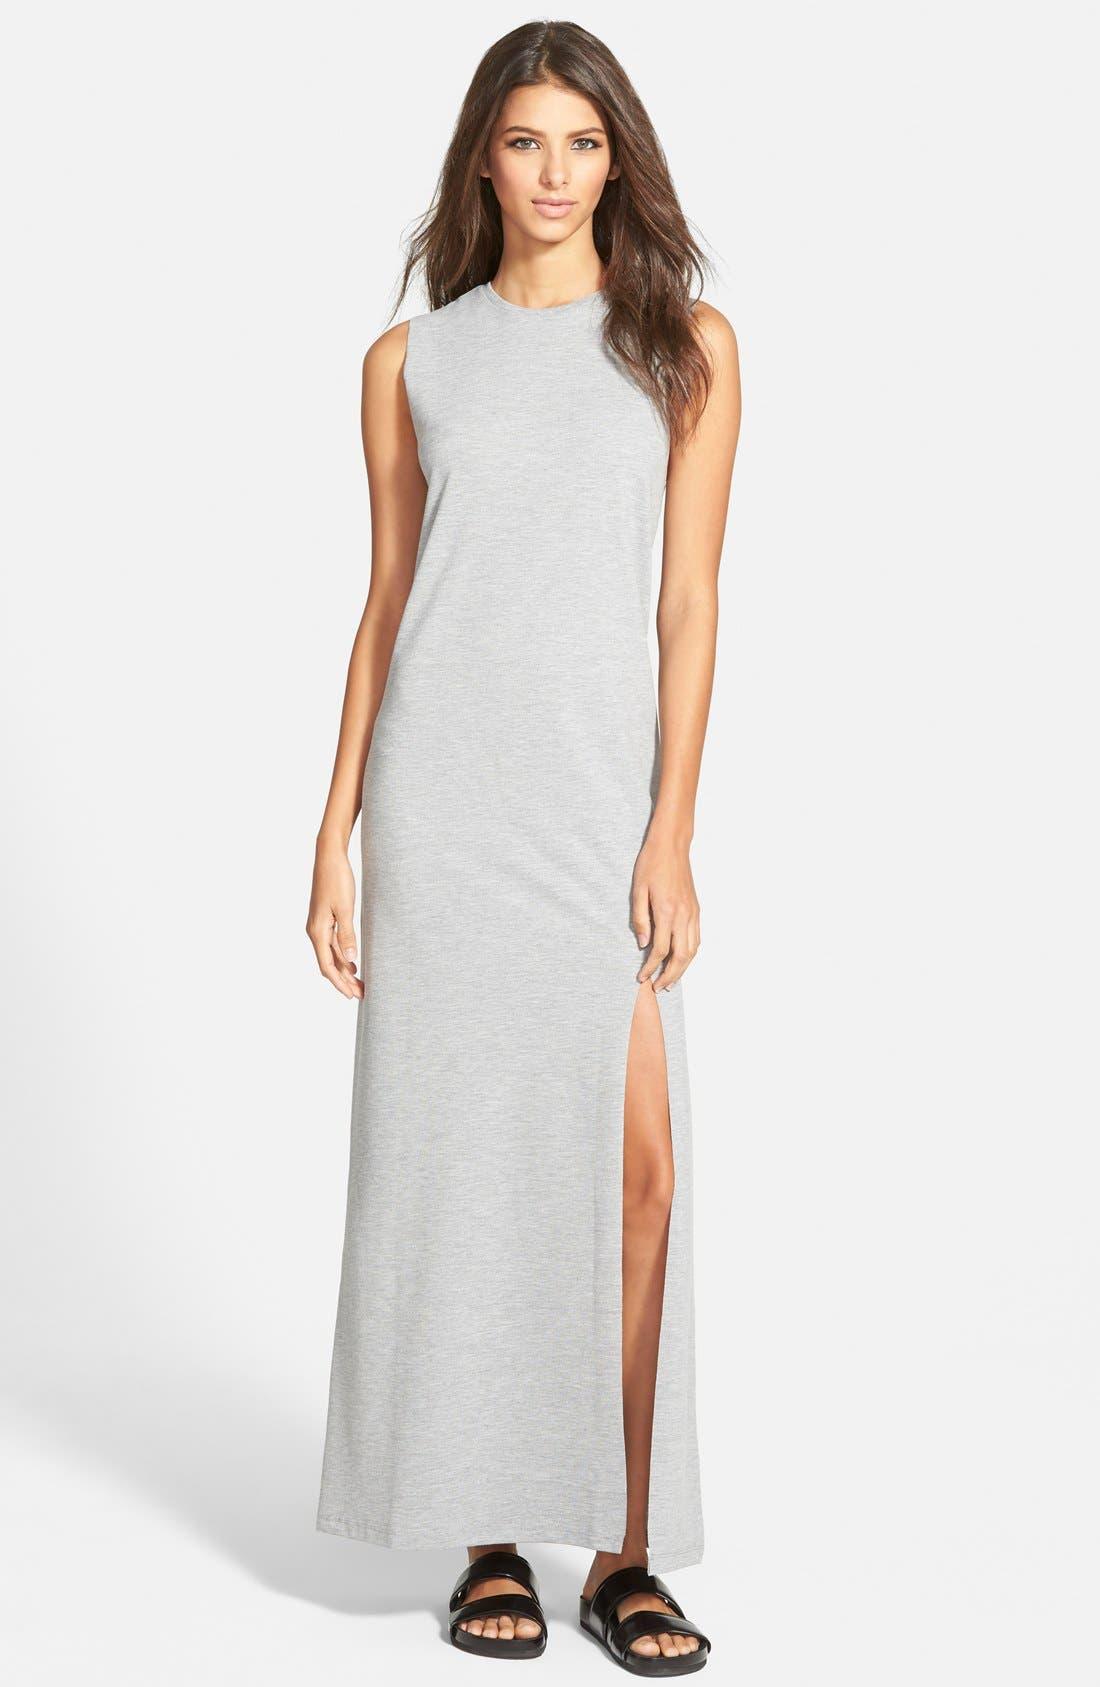 Alternate Image 1 Selected - Native Youth Sleeveless Side Slit Maxi Dress